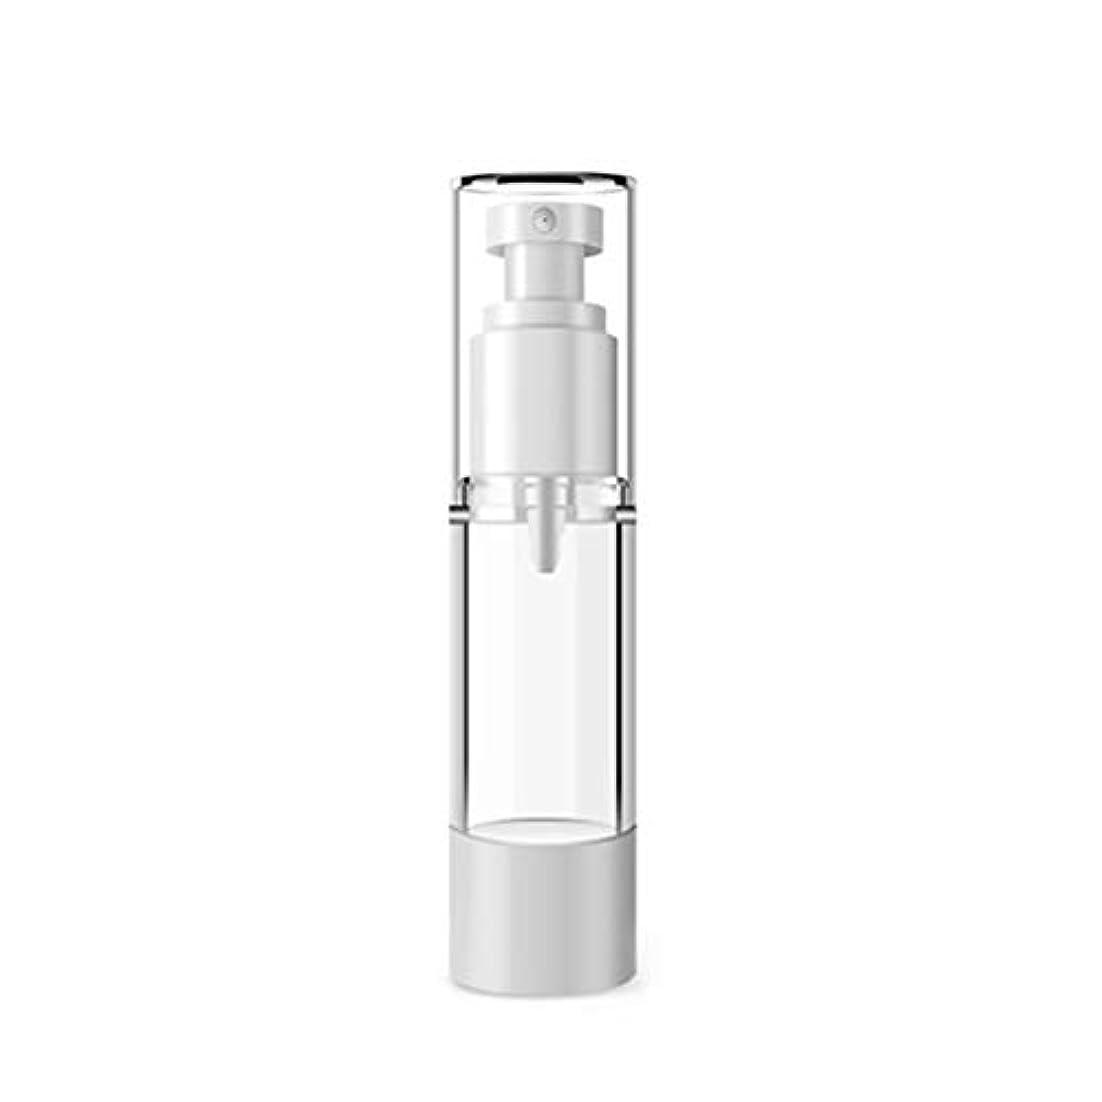 将来の熟達した奇跡Men club 小分けボトル スプレーボトル 押し式詰替用ボトル コスメ用詰替え容器 携帯便利 出張 旅行用品 スタイル2 3本セット 50ml